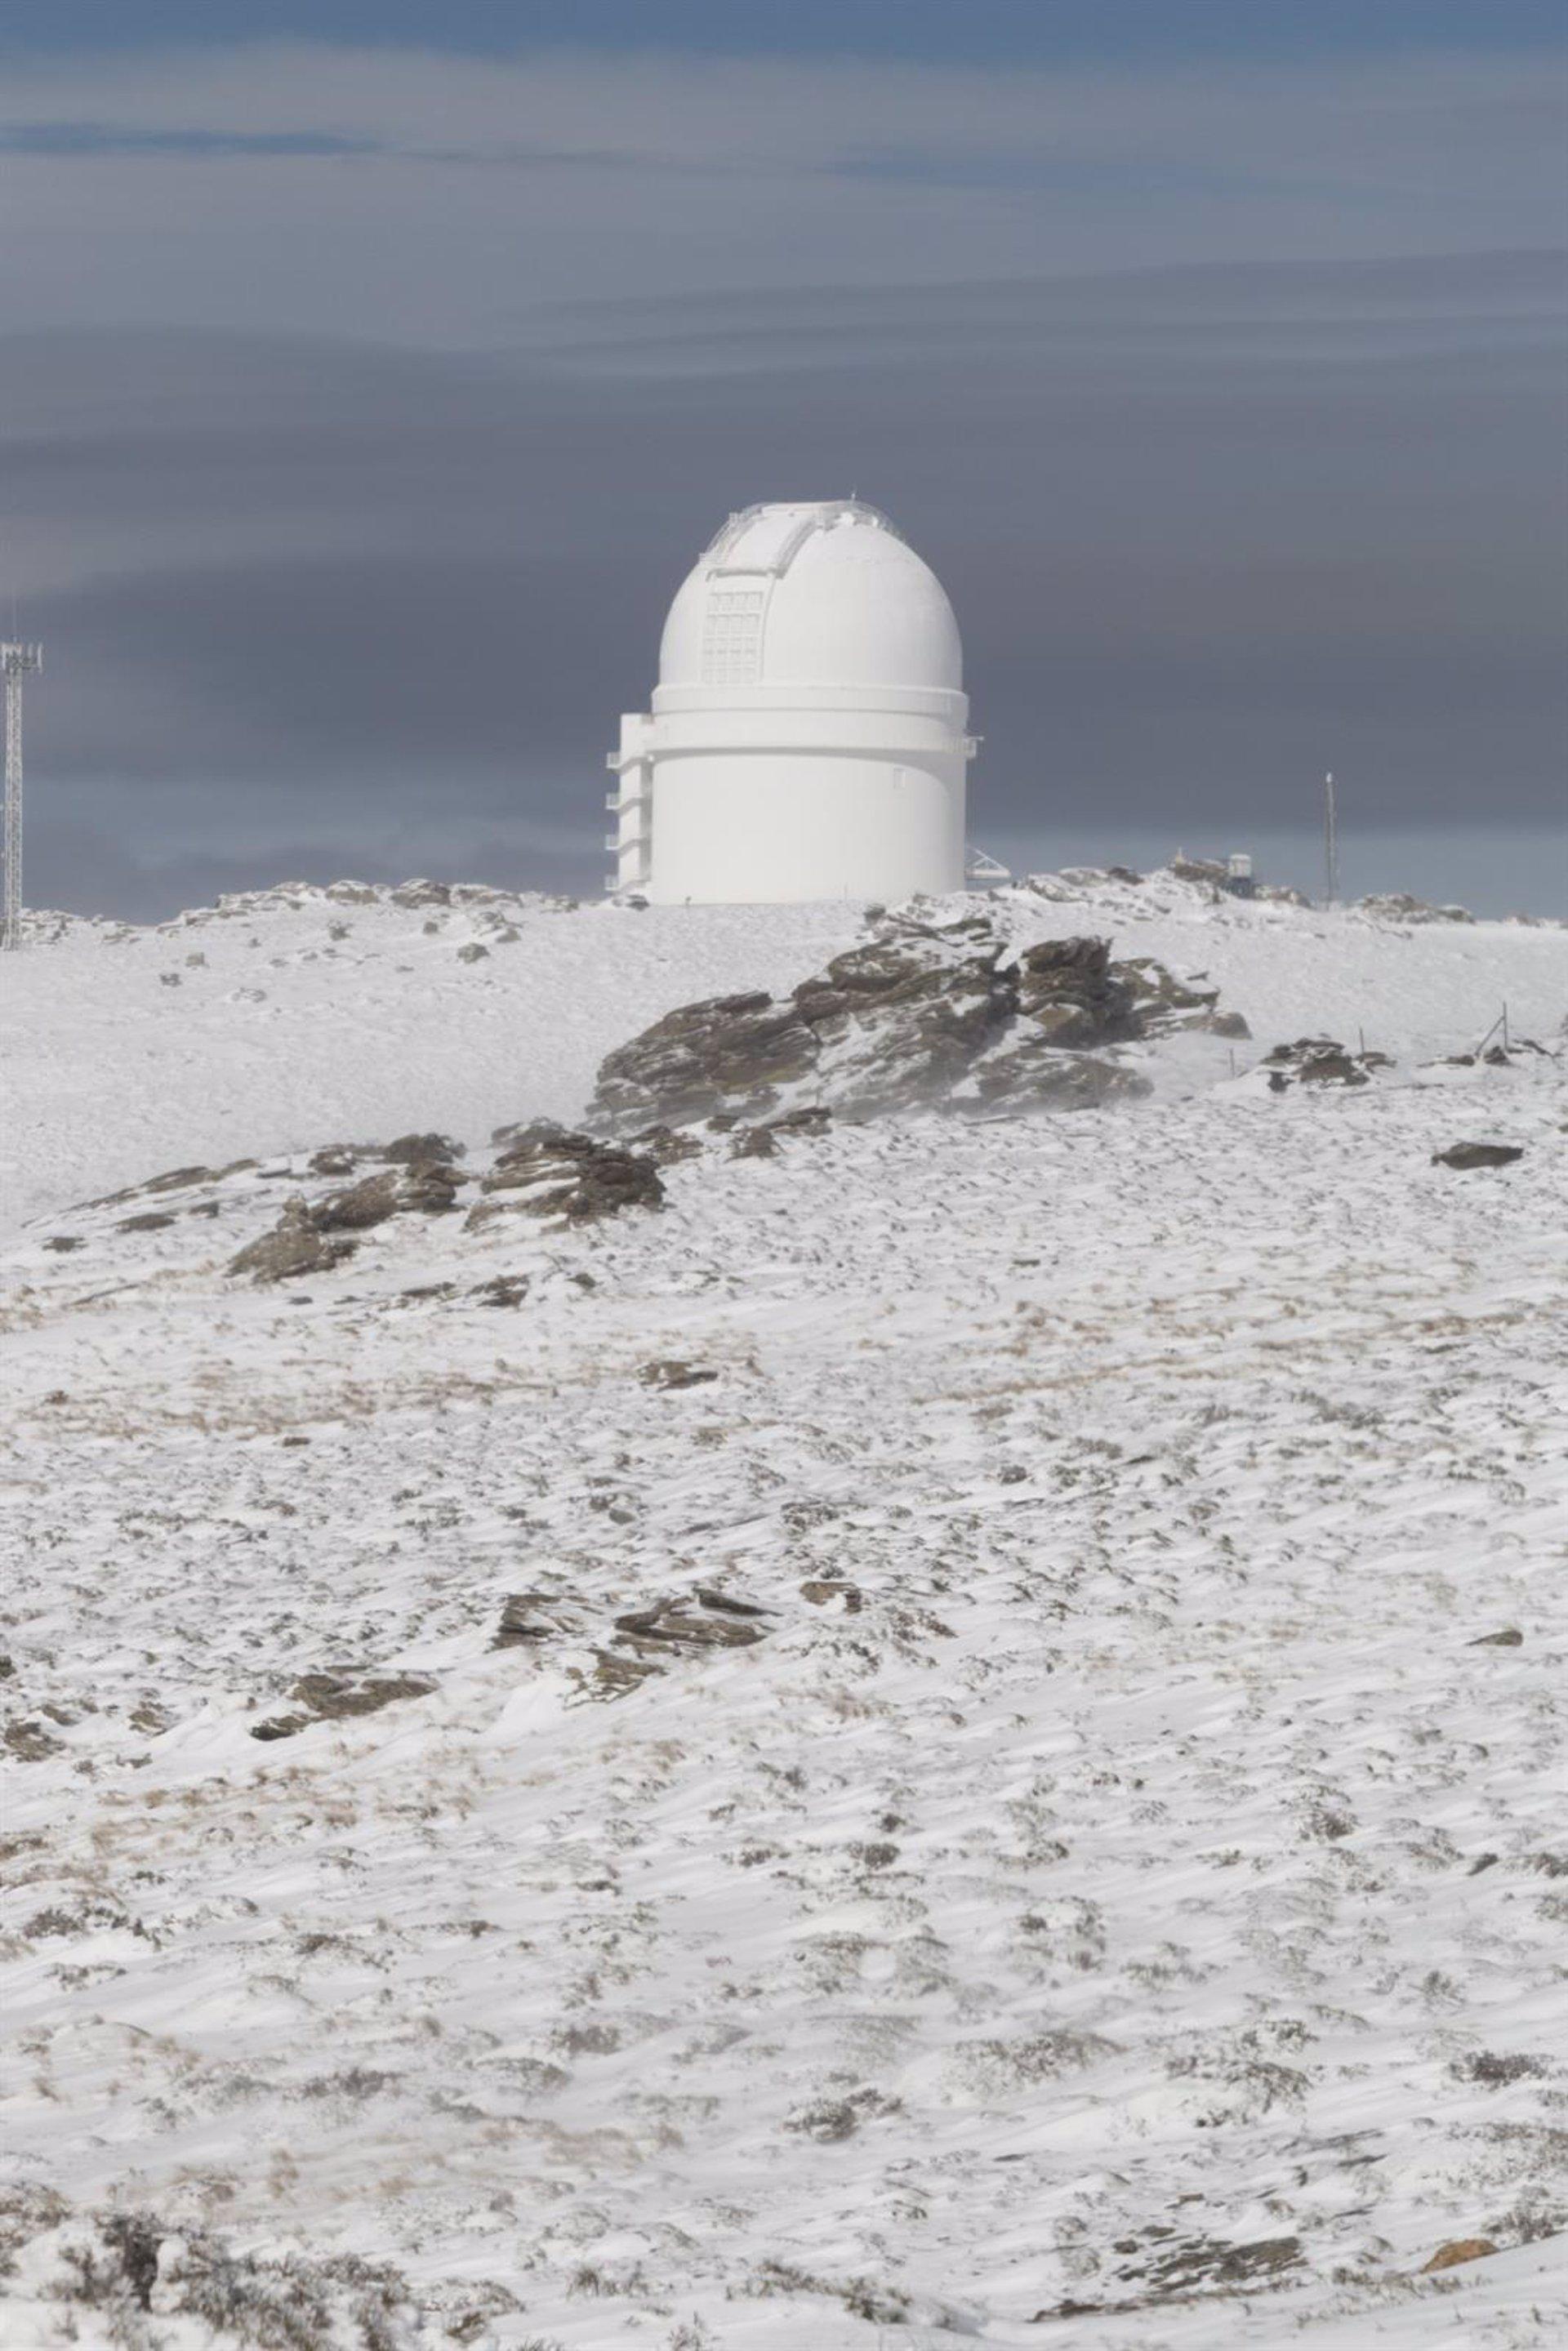 Las cotas más altas del destino 'Costa de Almería' se llenan de nieve